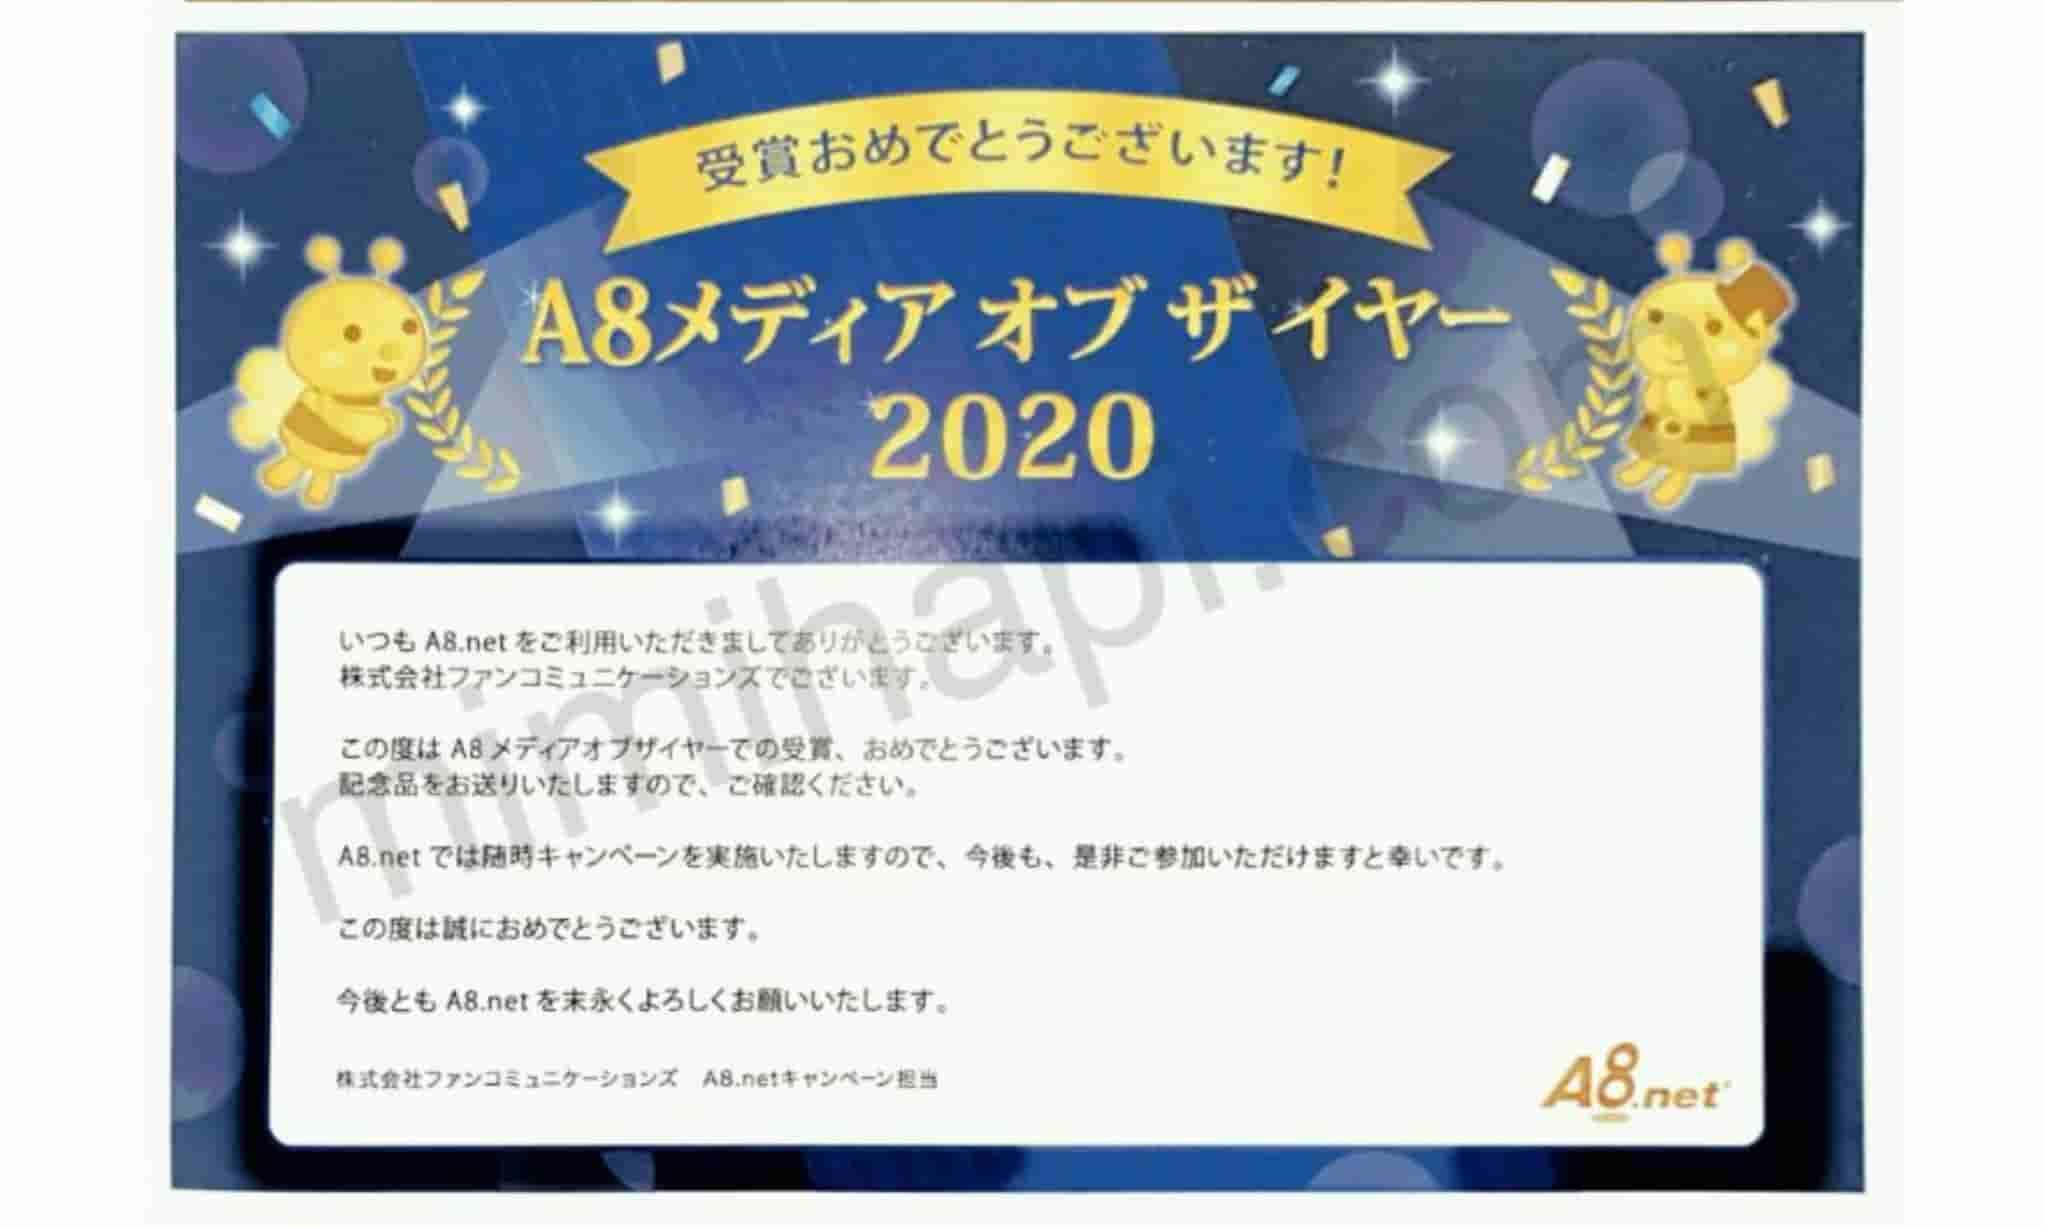 メディアオブザイヤー2020入賞